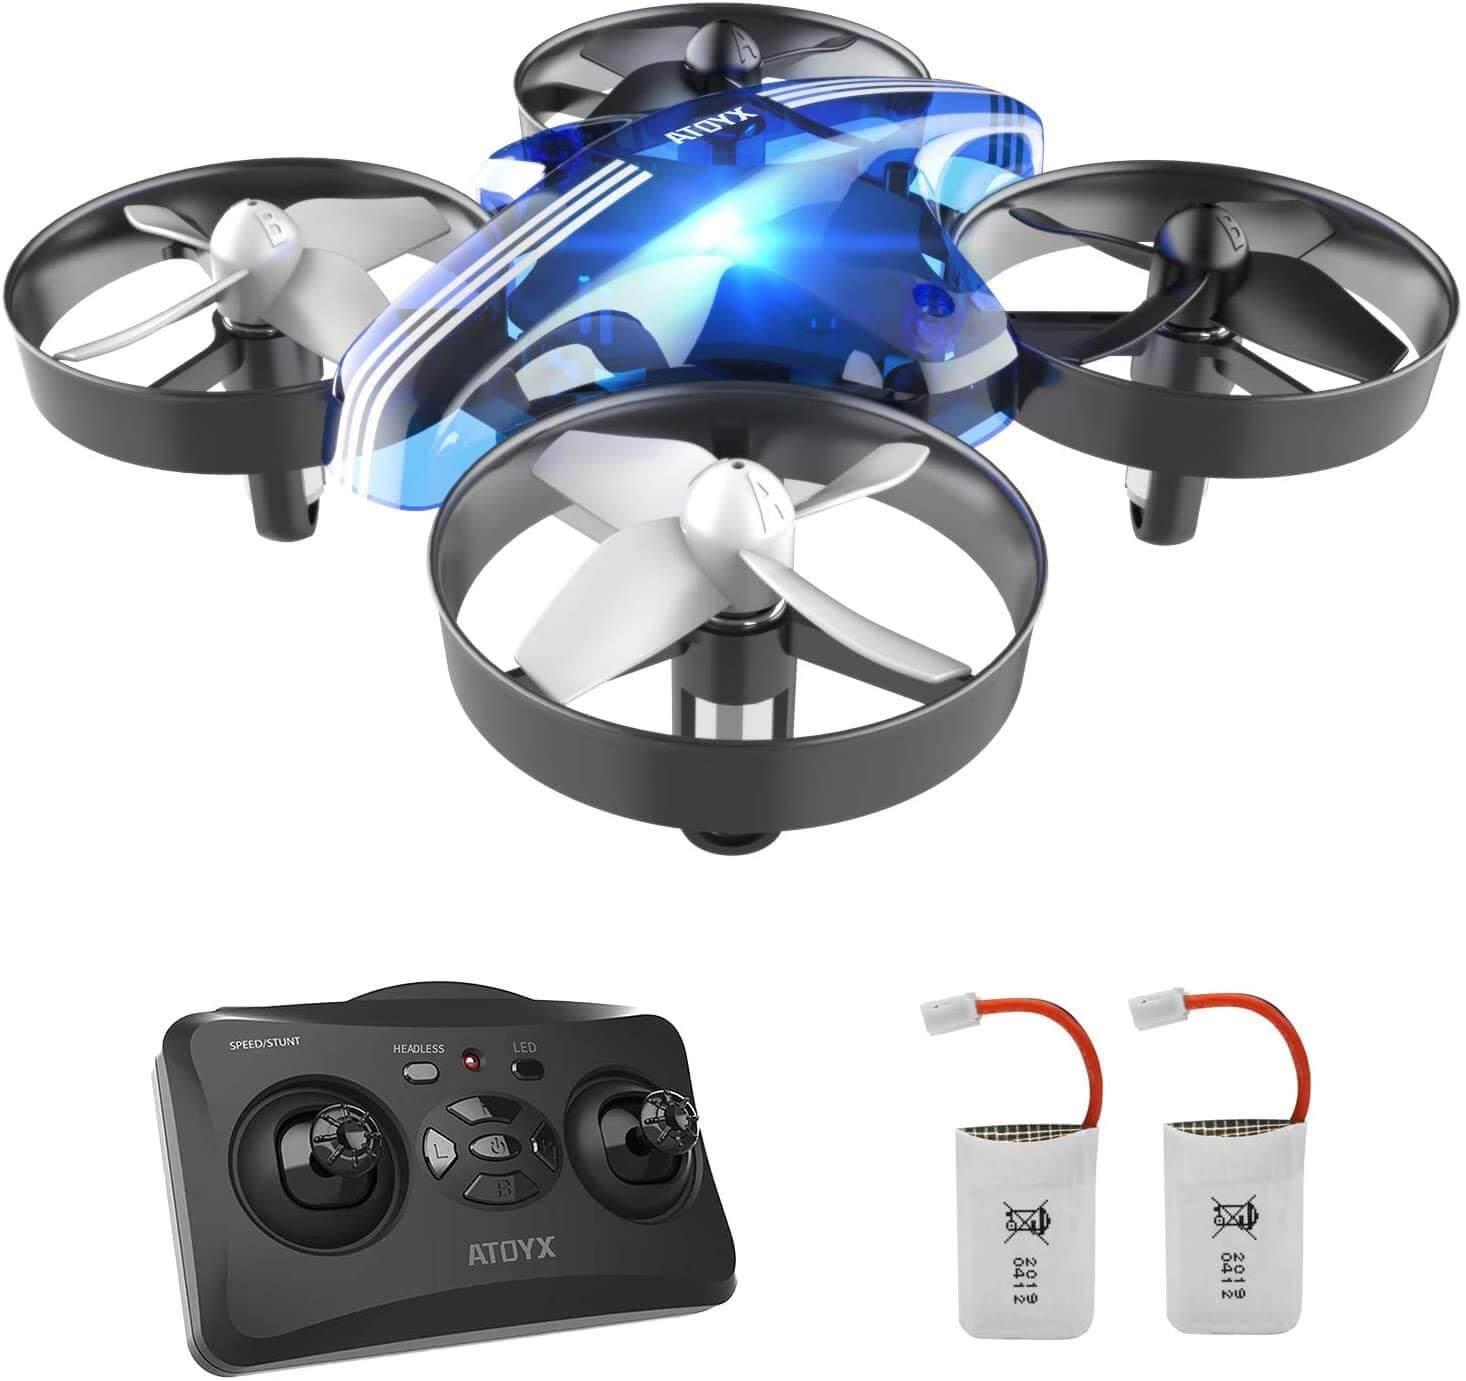 drone per bambini atoyx